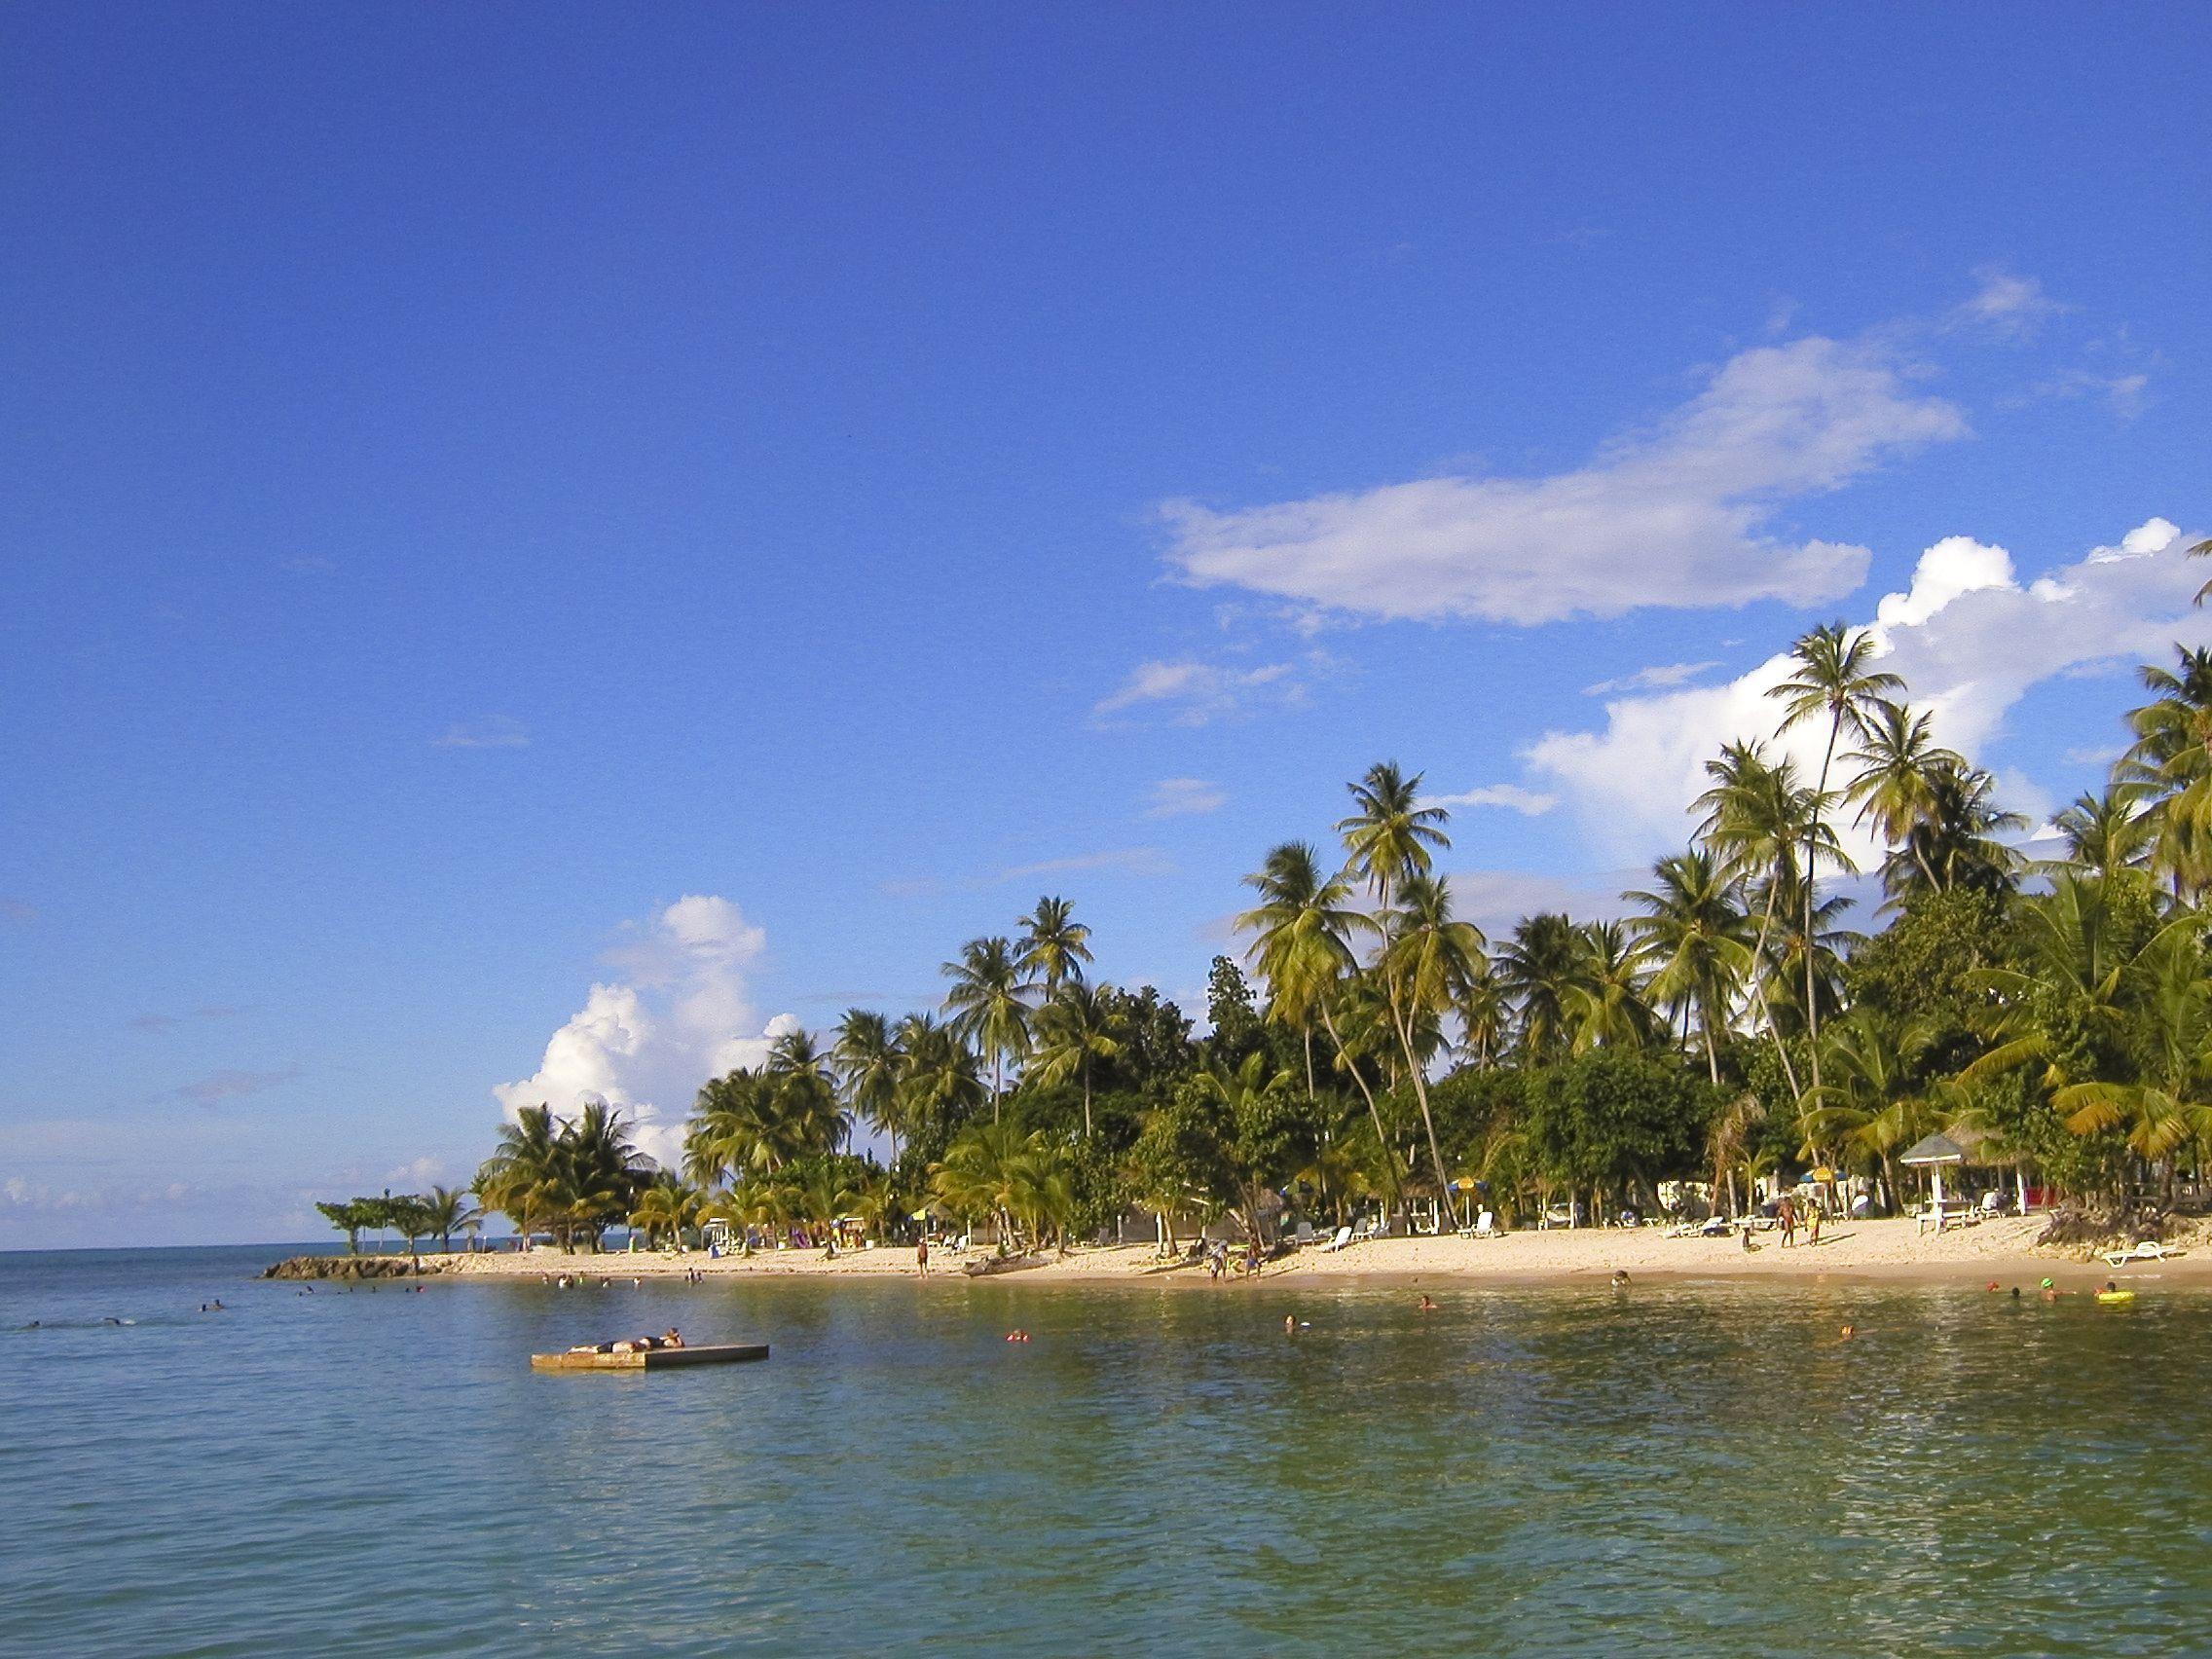 Beach, Trinidad and Tobago